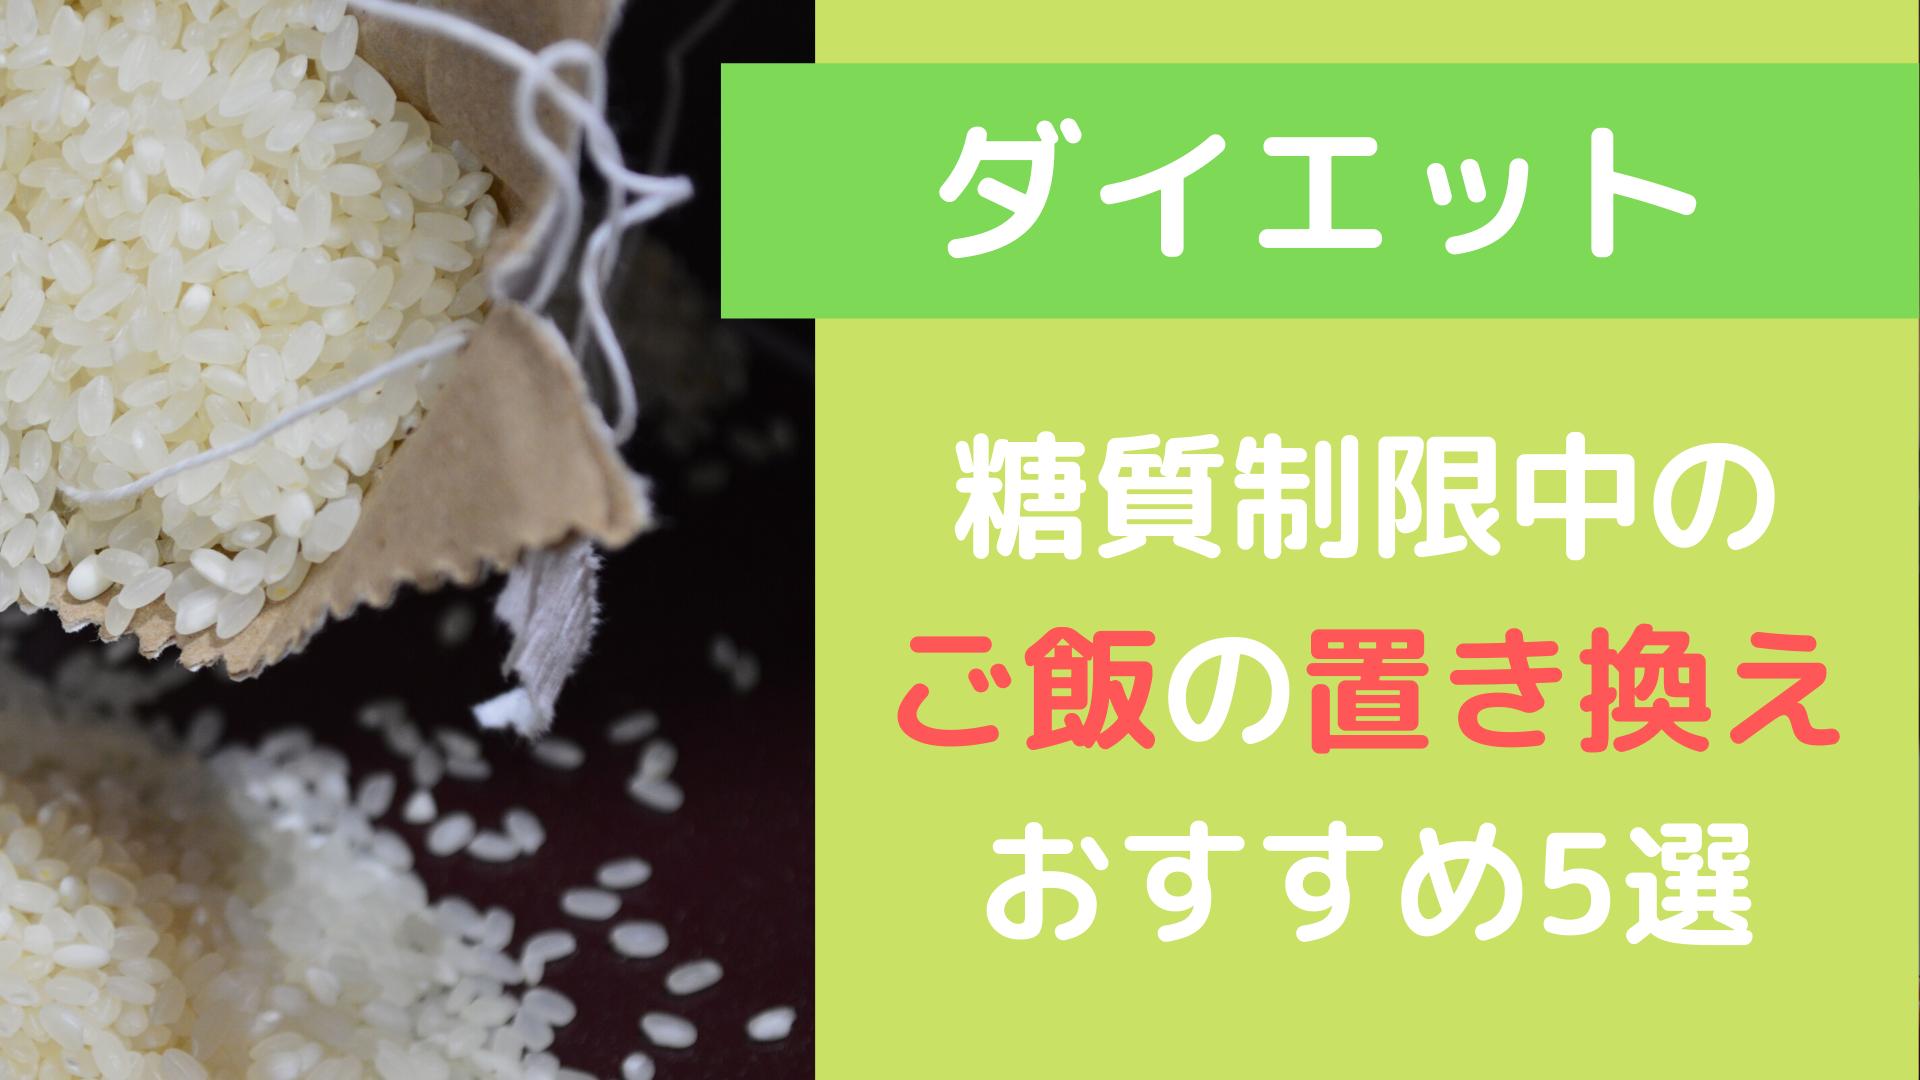 糖質制限中のご飯の置き換え食材は?